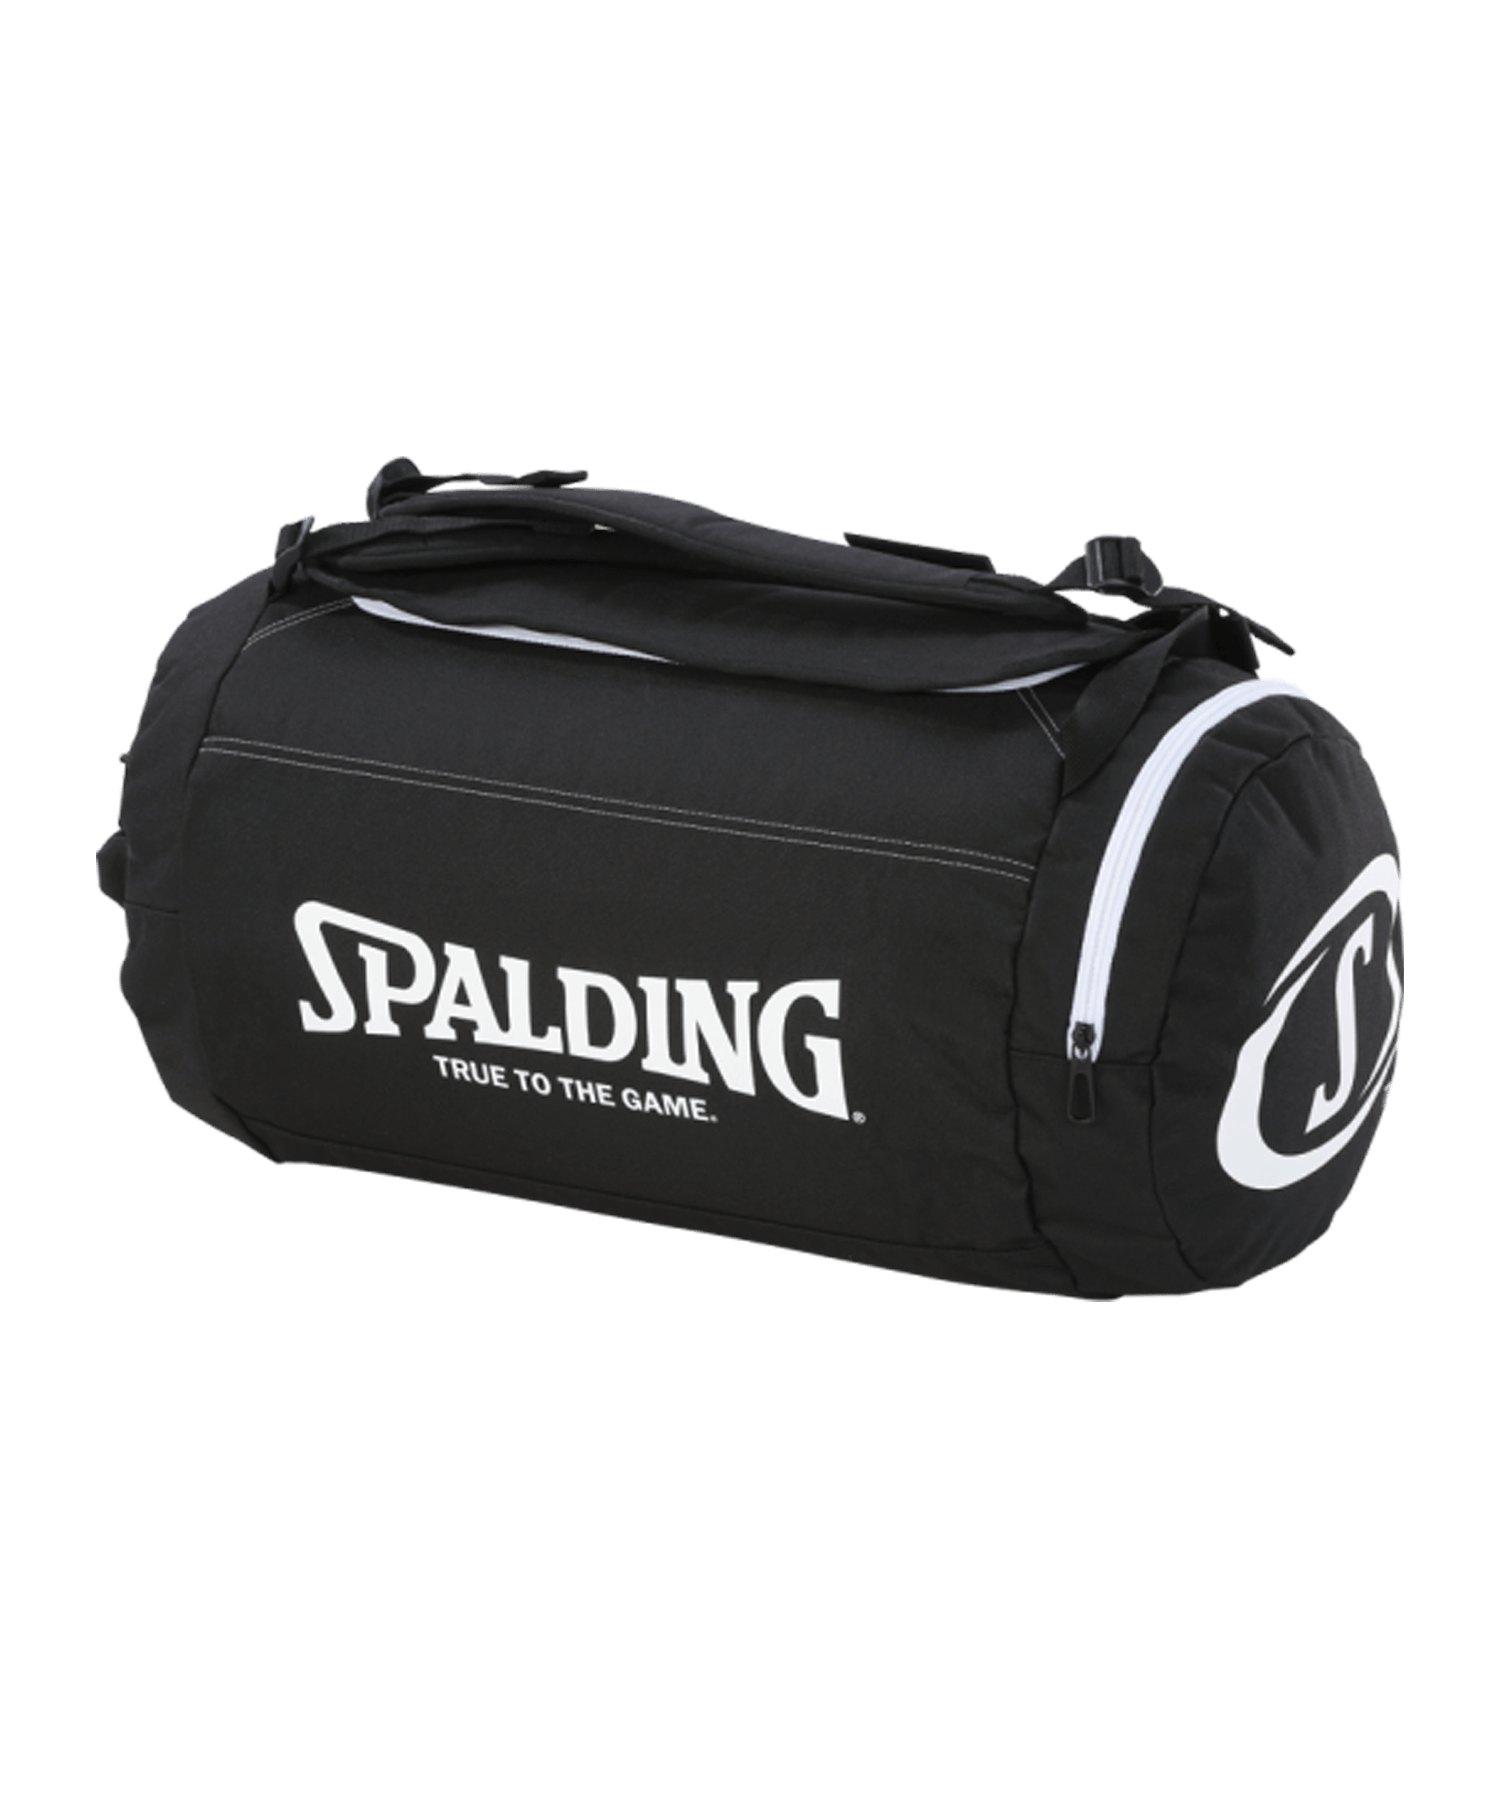 Spalding Duffle Bag Tasche Schwarz Schwarz F03 - schwarz